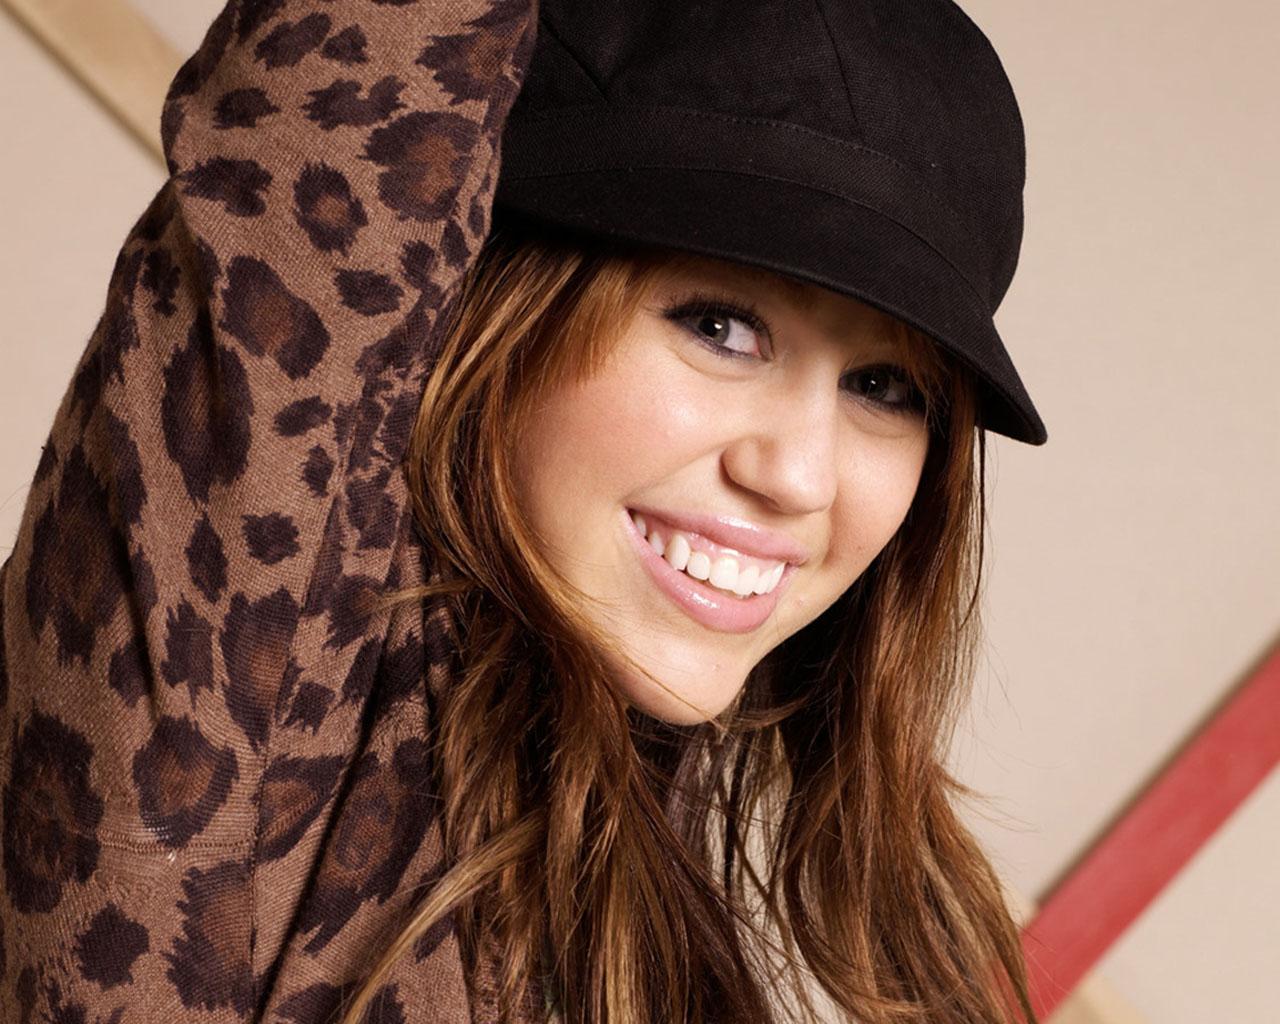 http://1.bp.blogspot.com/_xuMAao_f6oY/Swhpip4Q_eI/AAAAAAAAAAg/dWVE8rAwSZw/s1600/26126_Miley-Cyrus_178_1280x1024-Sk4tz.jpg